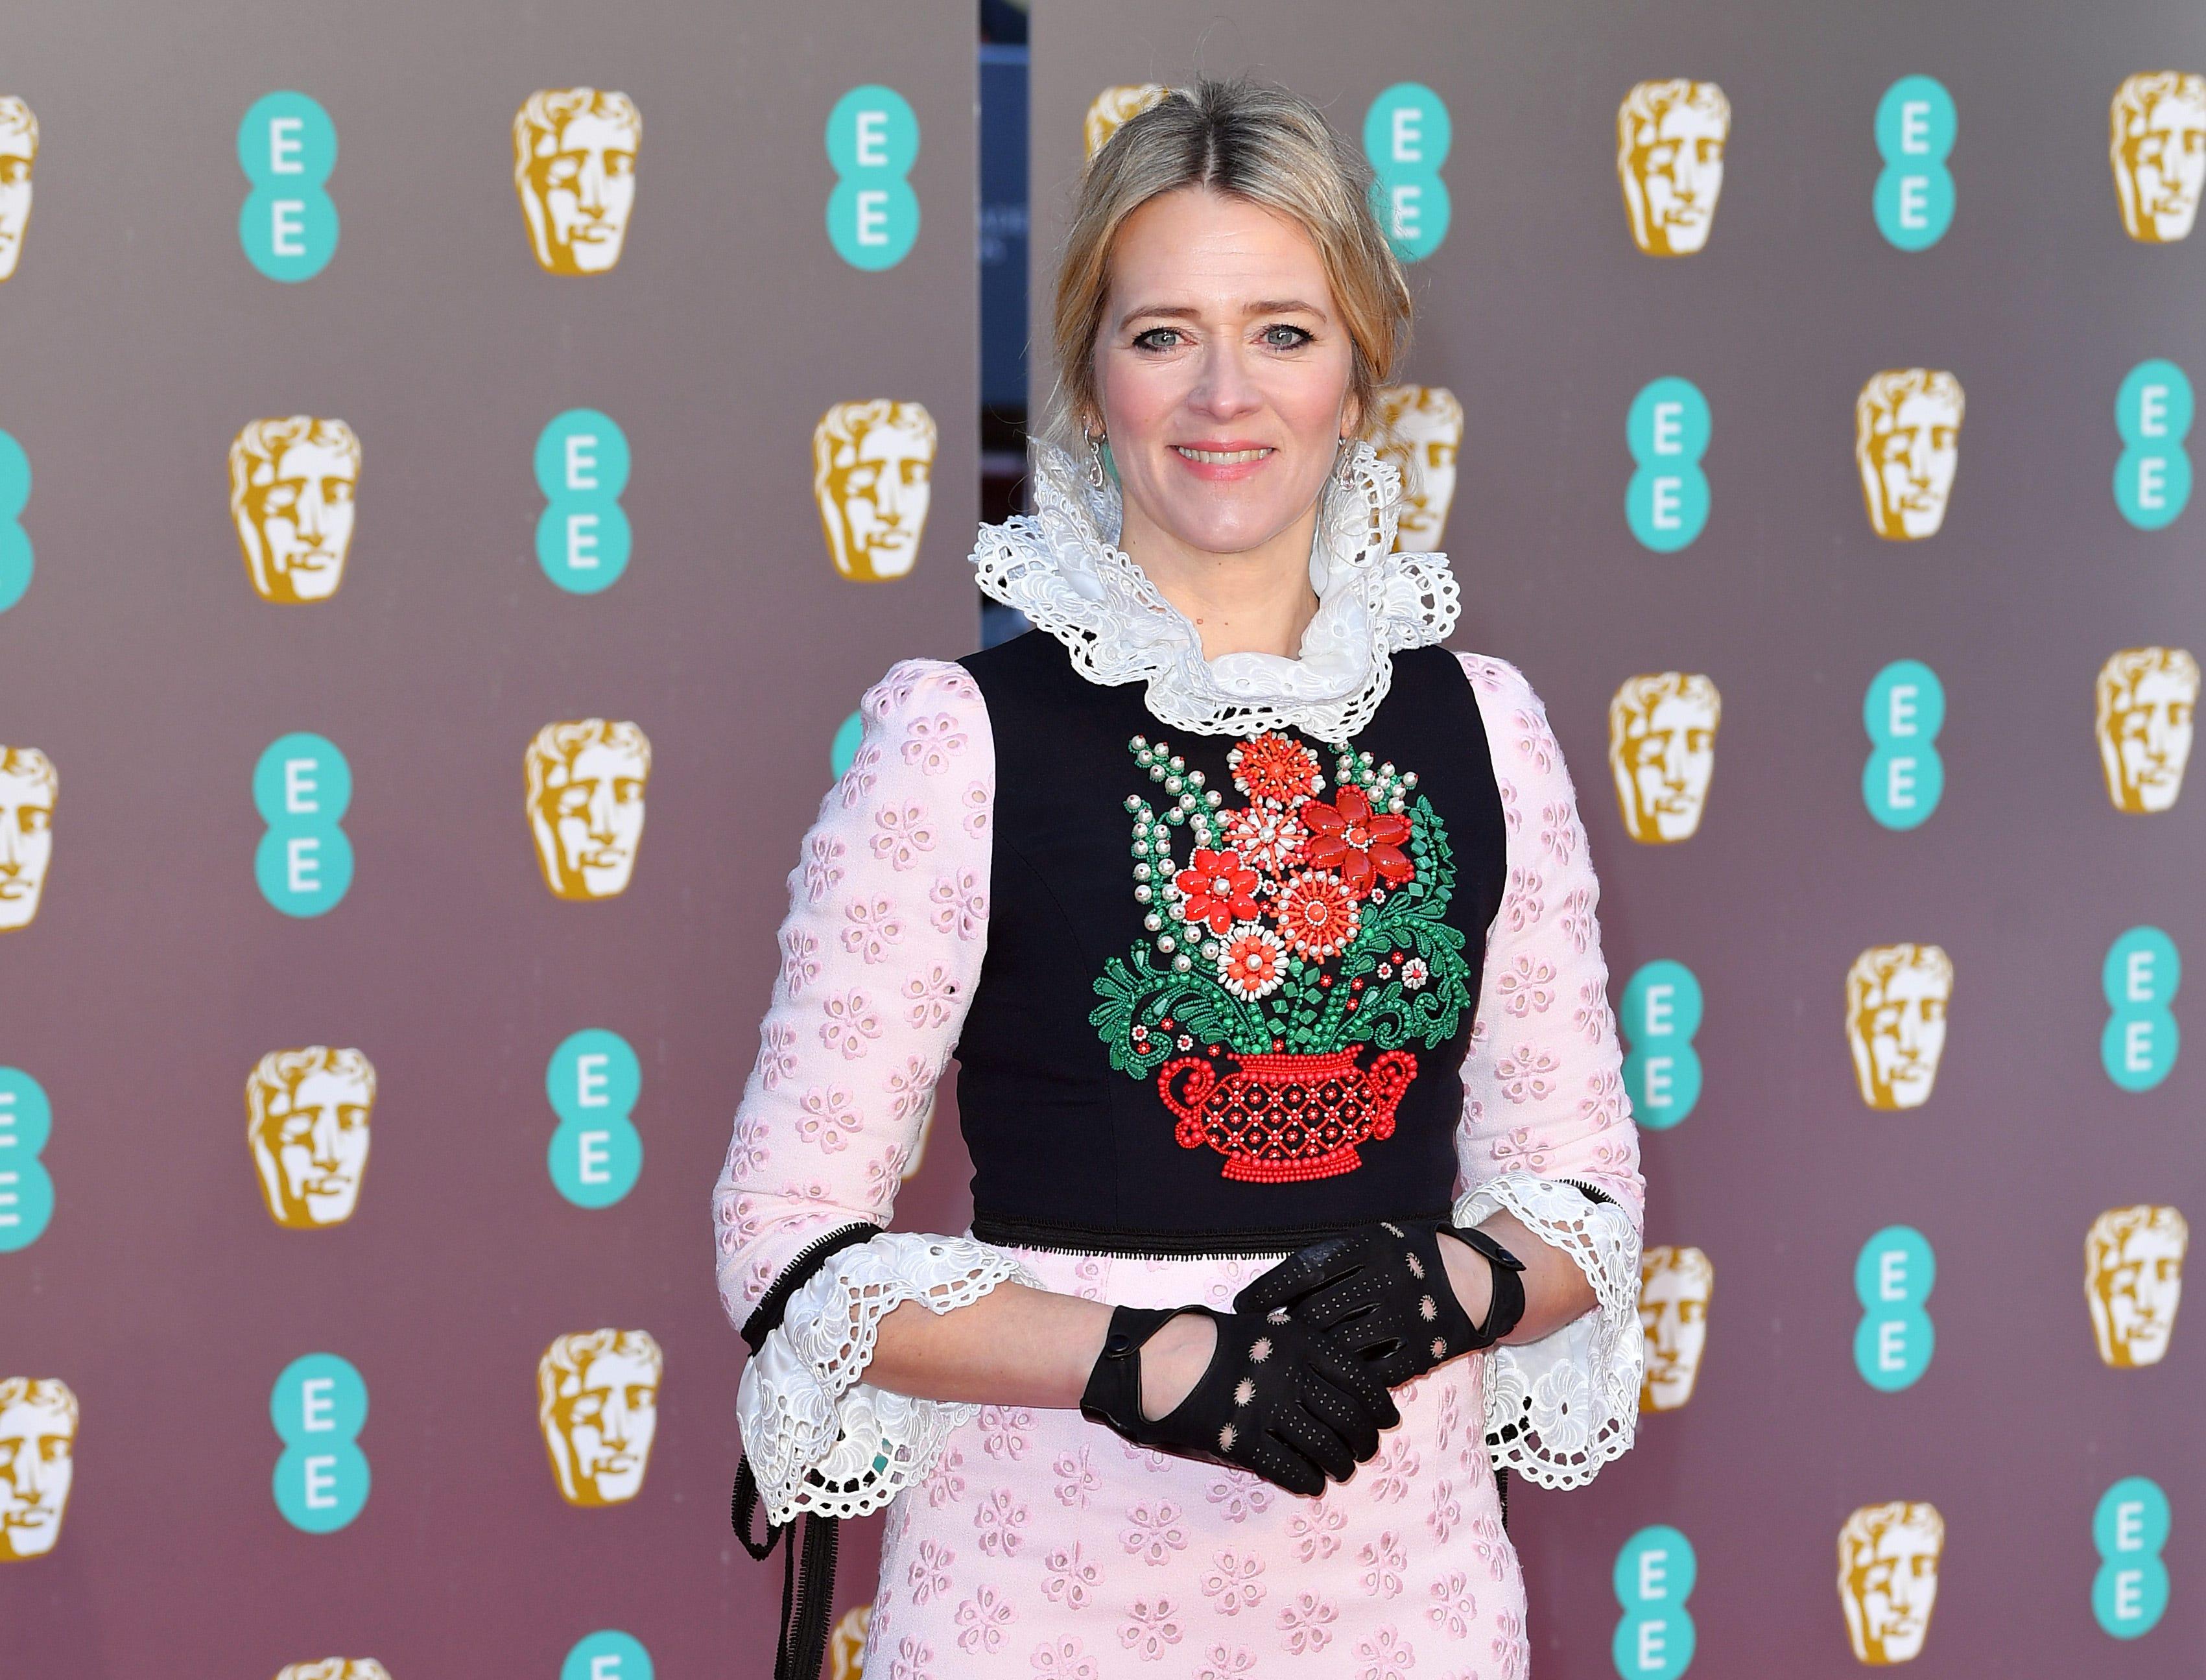 Edith Bowman a su llegada a la alfombra roja de los Premios de la Academia Británica de Cine BAFTA en el Royal Albert Hall en Londres el 10 de febrero de 2019.